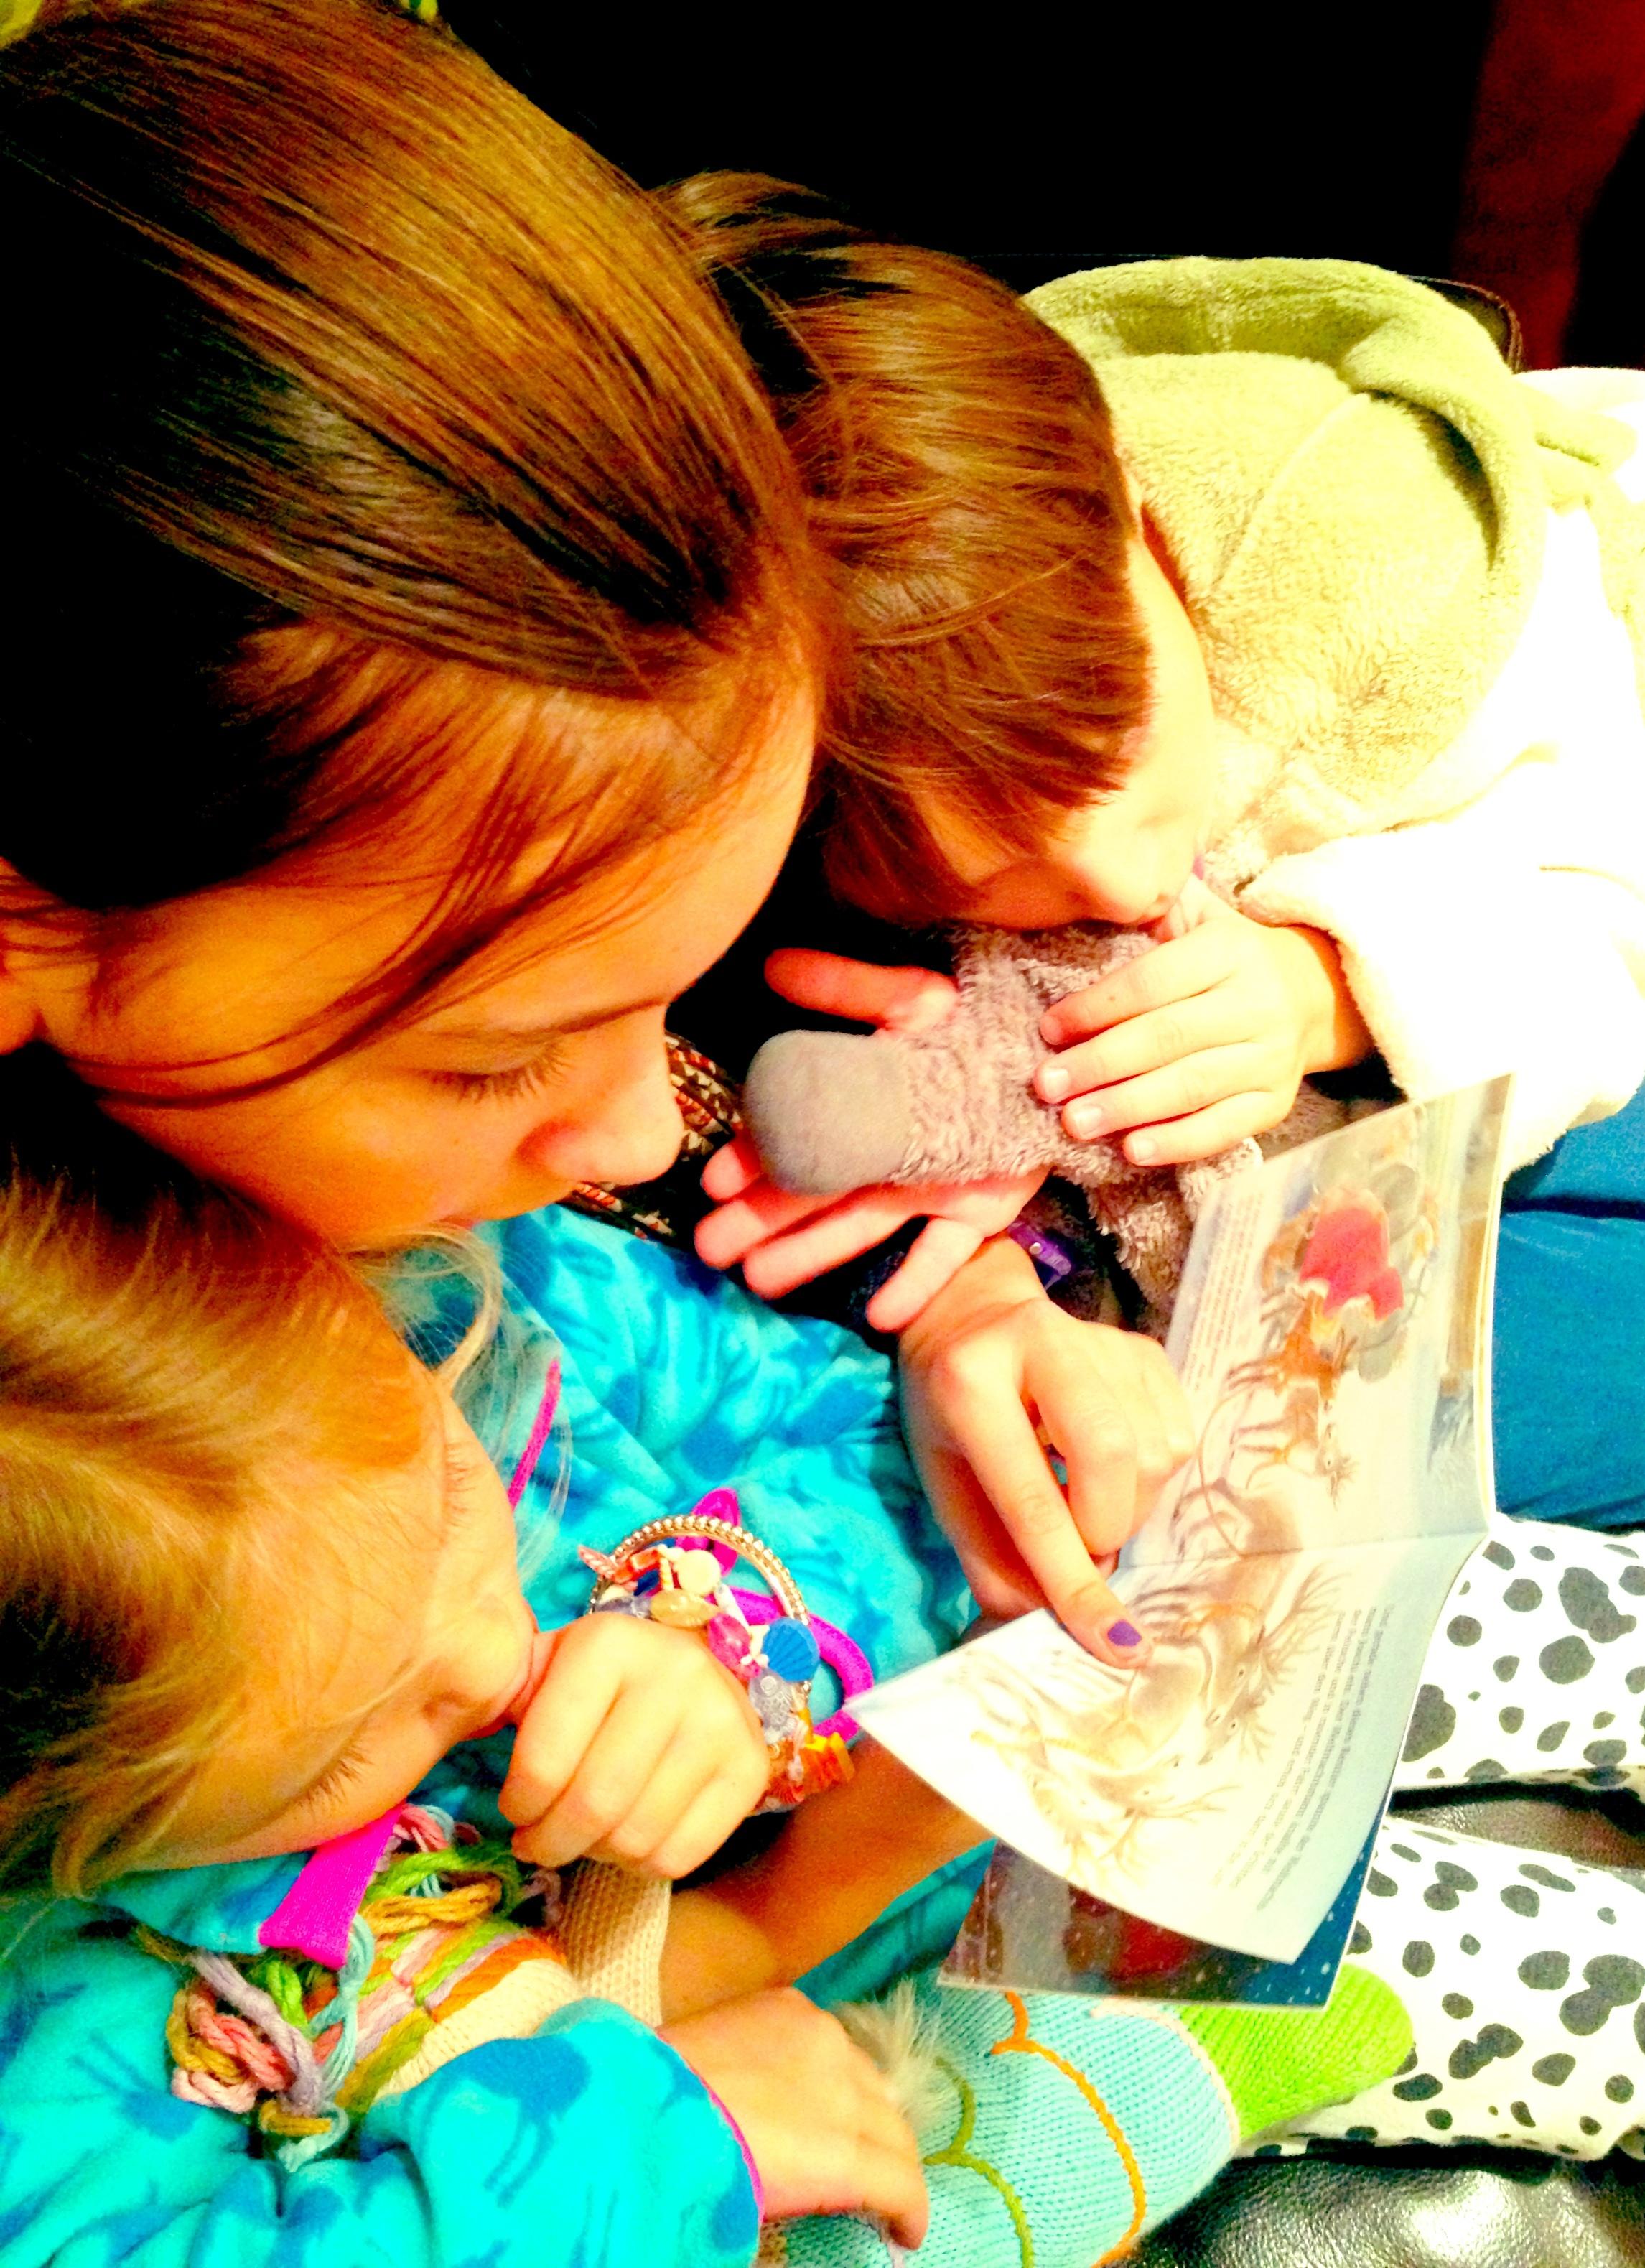 Mein Herzensmädchen hat sich nach dem Abendessen mit den Schlafanzugmäusen aufs Sofa gekuschelt und ihnen ein Weihnachtsbüchlein vorgelesen. Glück!